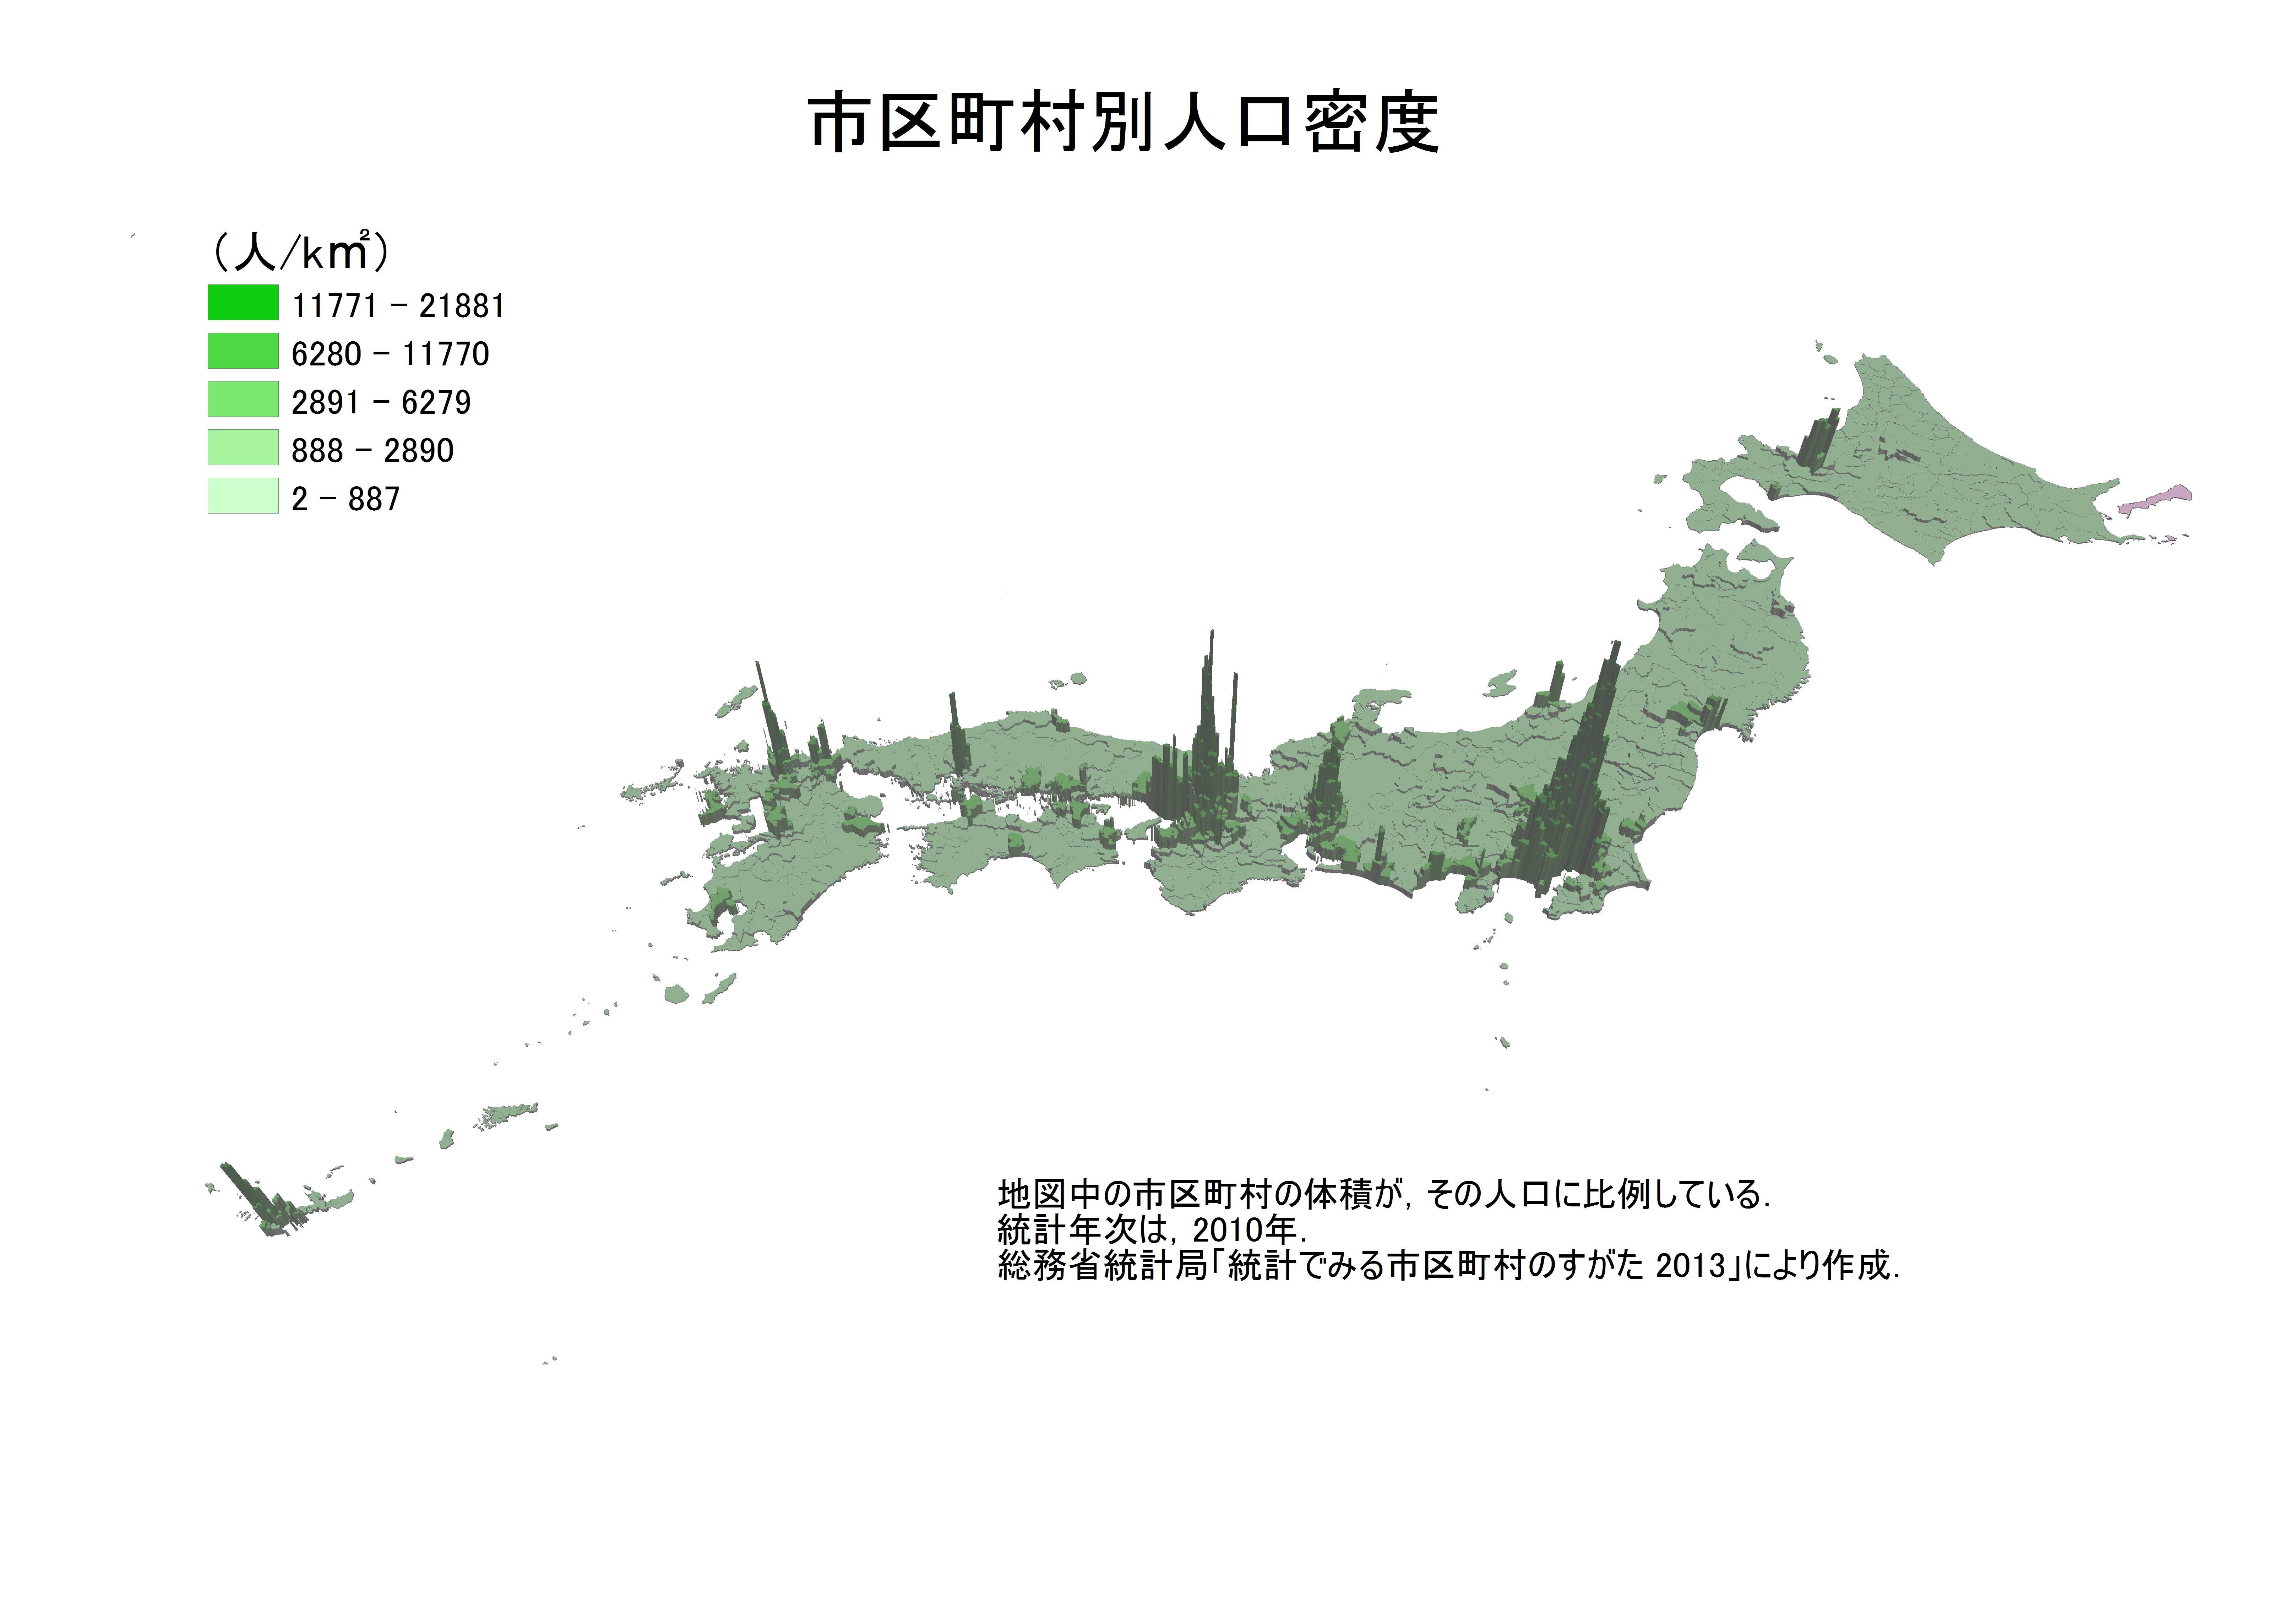 図 人口 分布